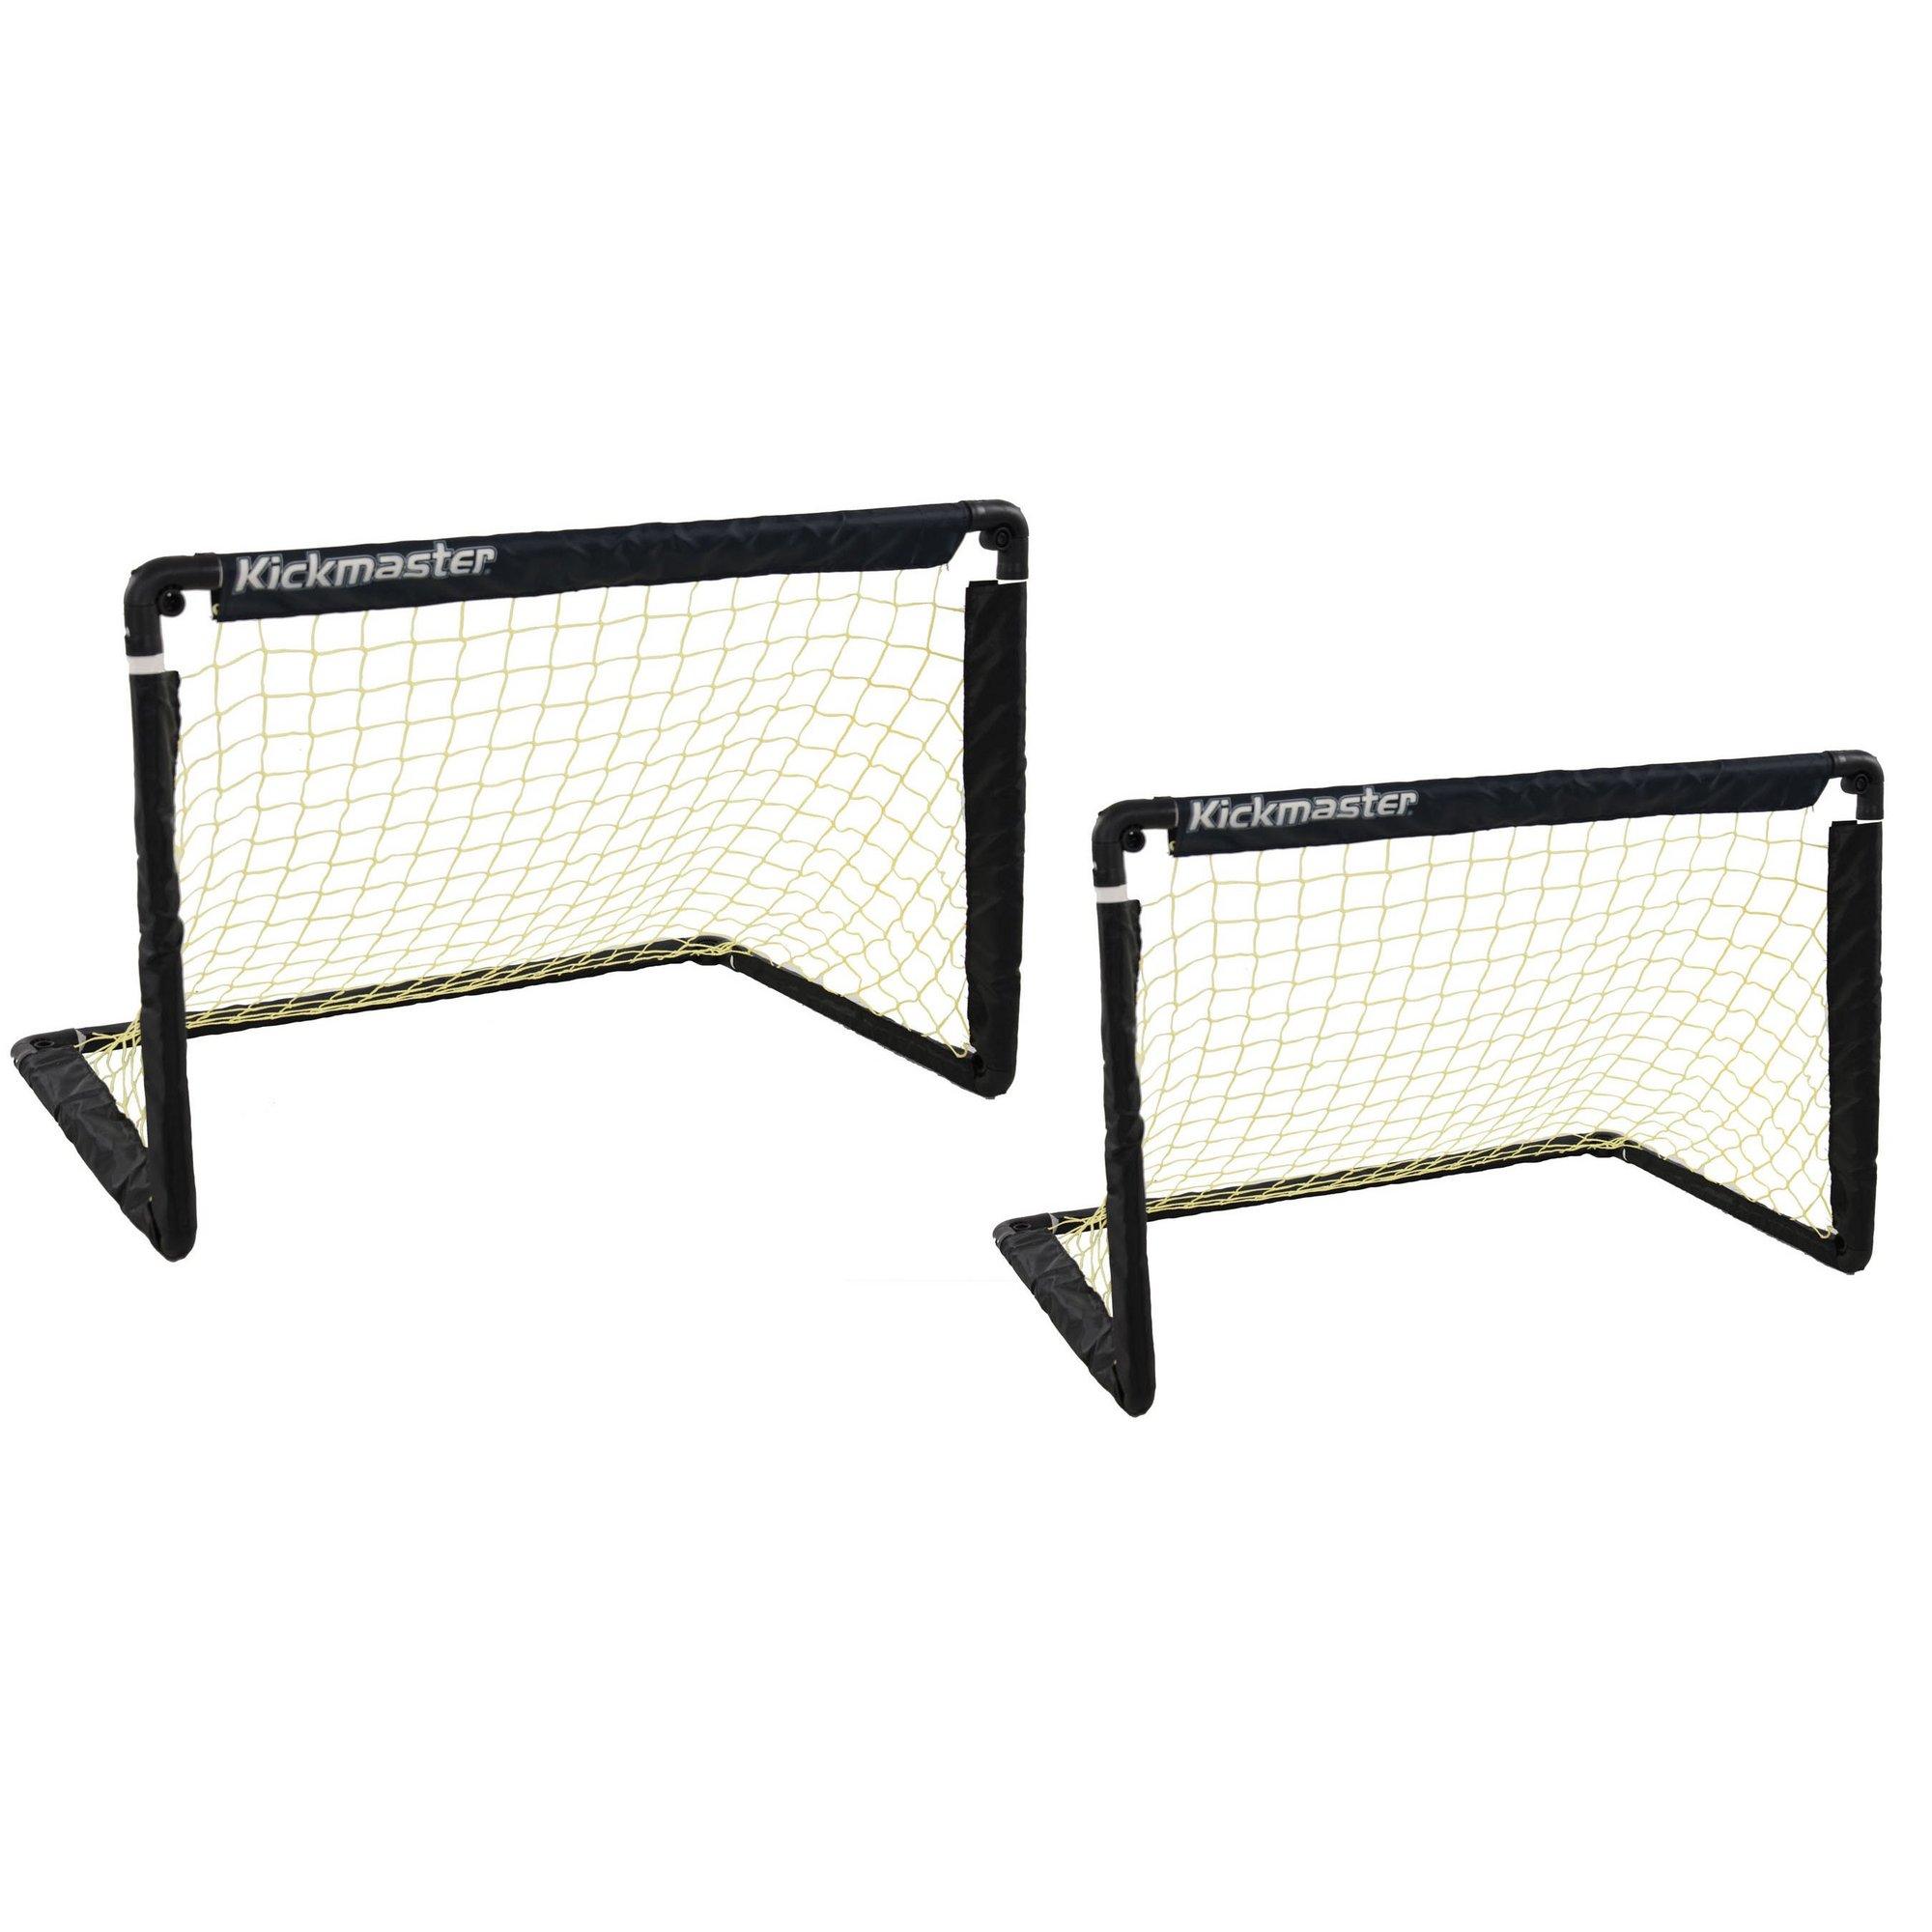 Image of Kickmaster One on One Folding Goal Set